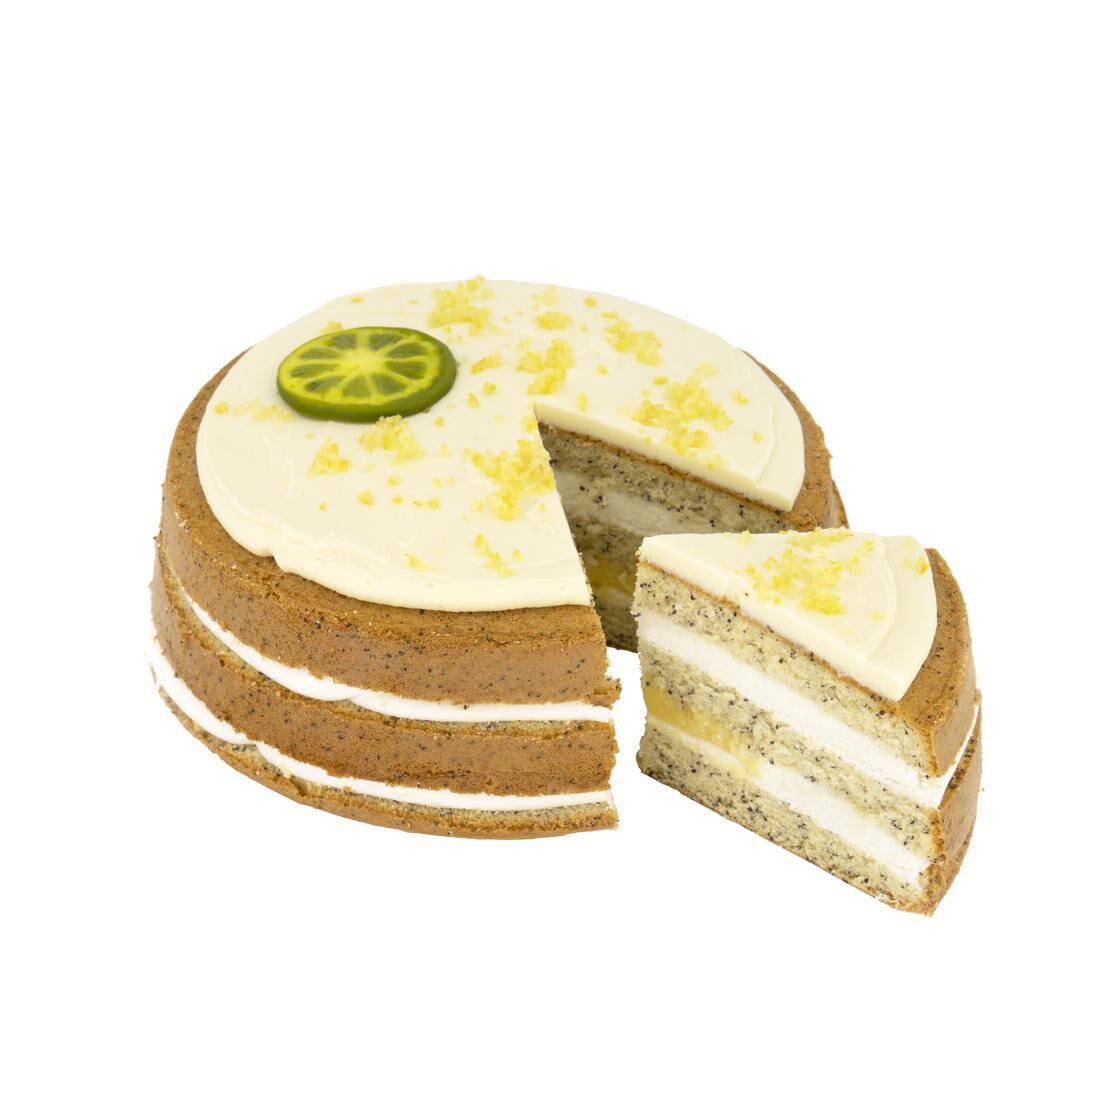 HEMA Luxe Lemon Poppyseed Taart 8 P.